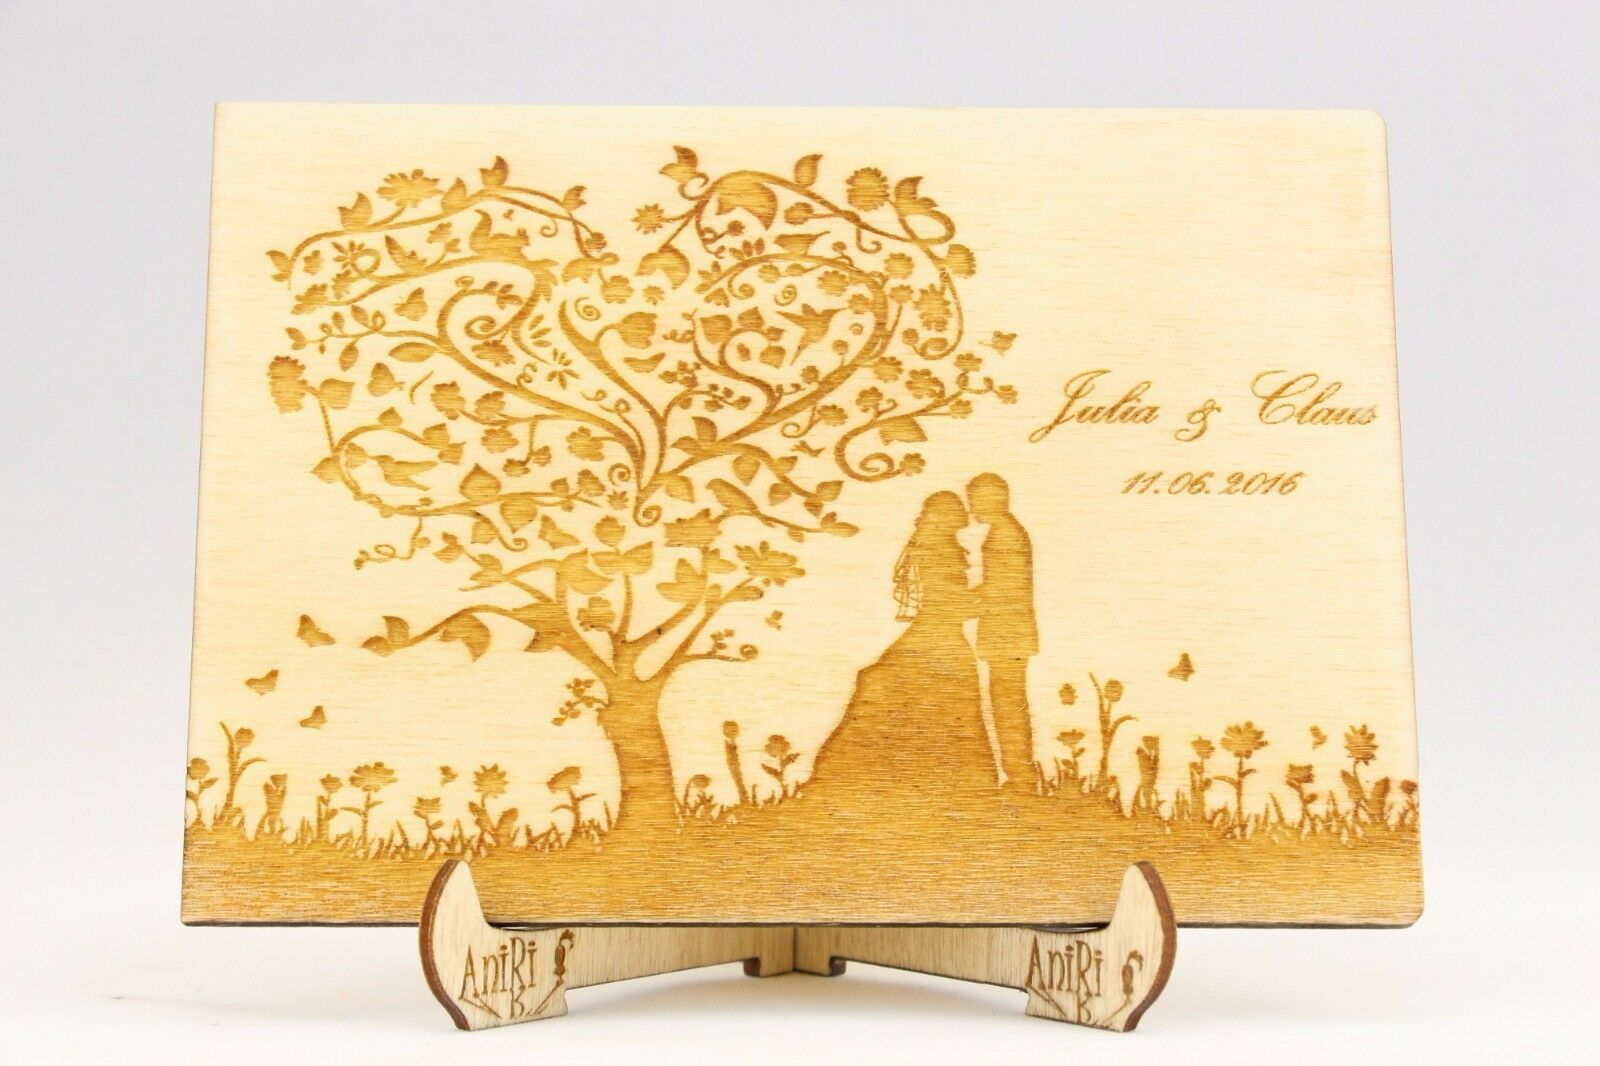 Individualisiert Fotoalbum, Holz, Hochzeit, Baum der Liebe, Album, Fotos